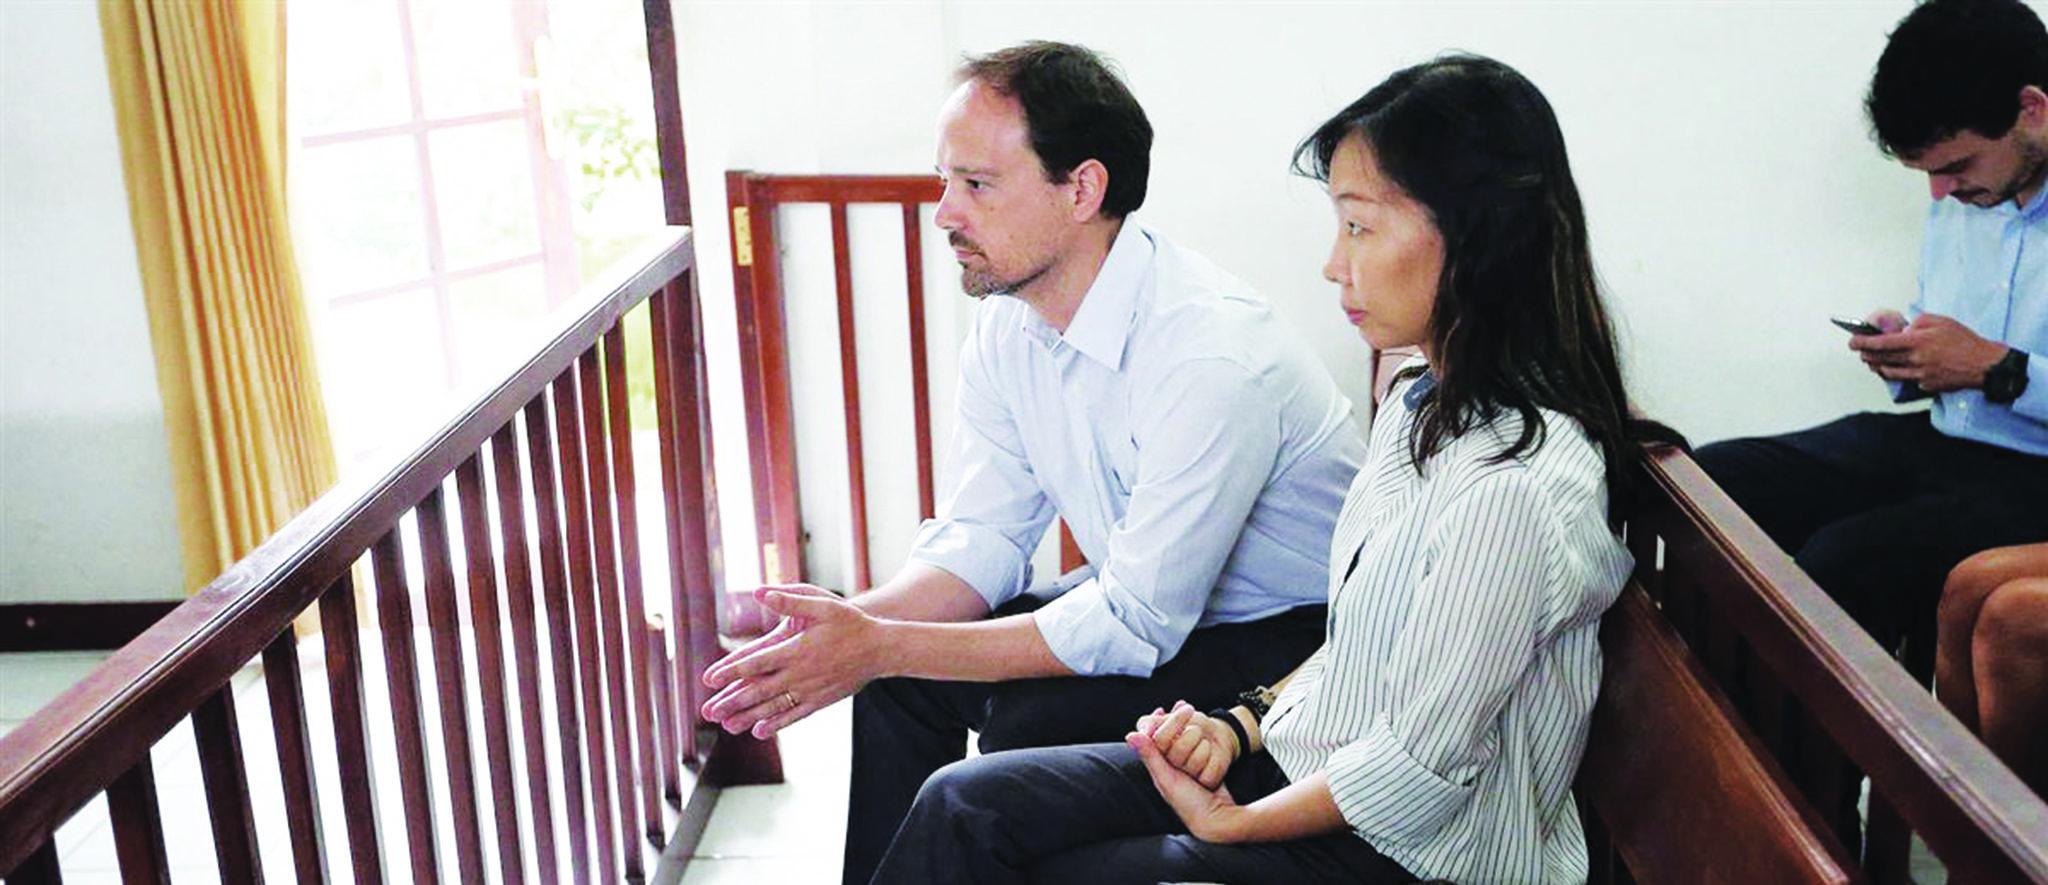 Justiça | Casal Guerra absolvido em Timor-Leste, mas caso conexo prossegue em Macau